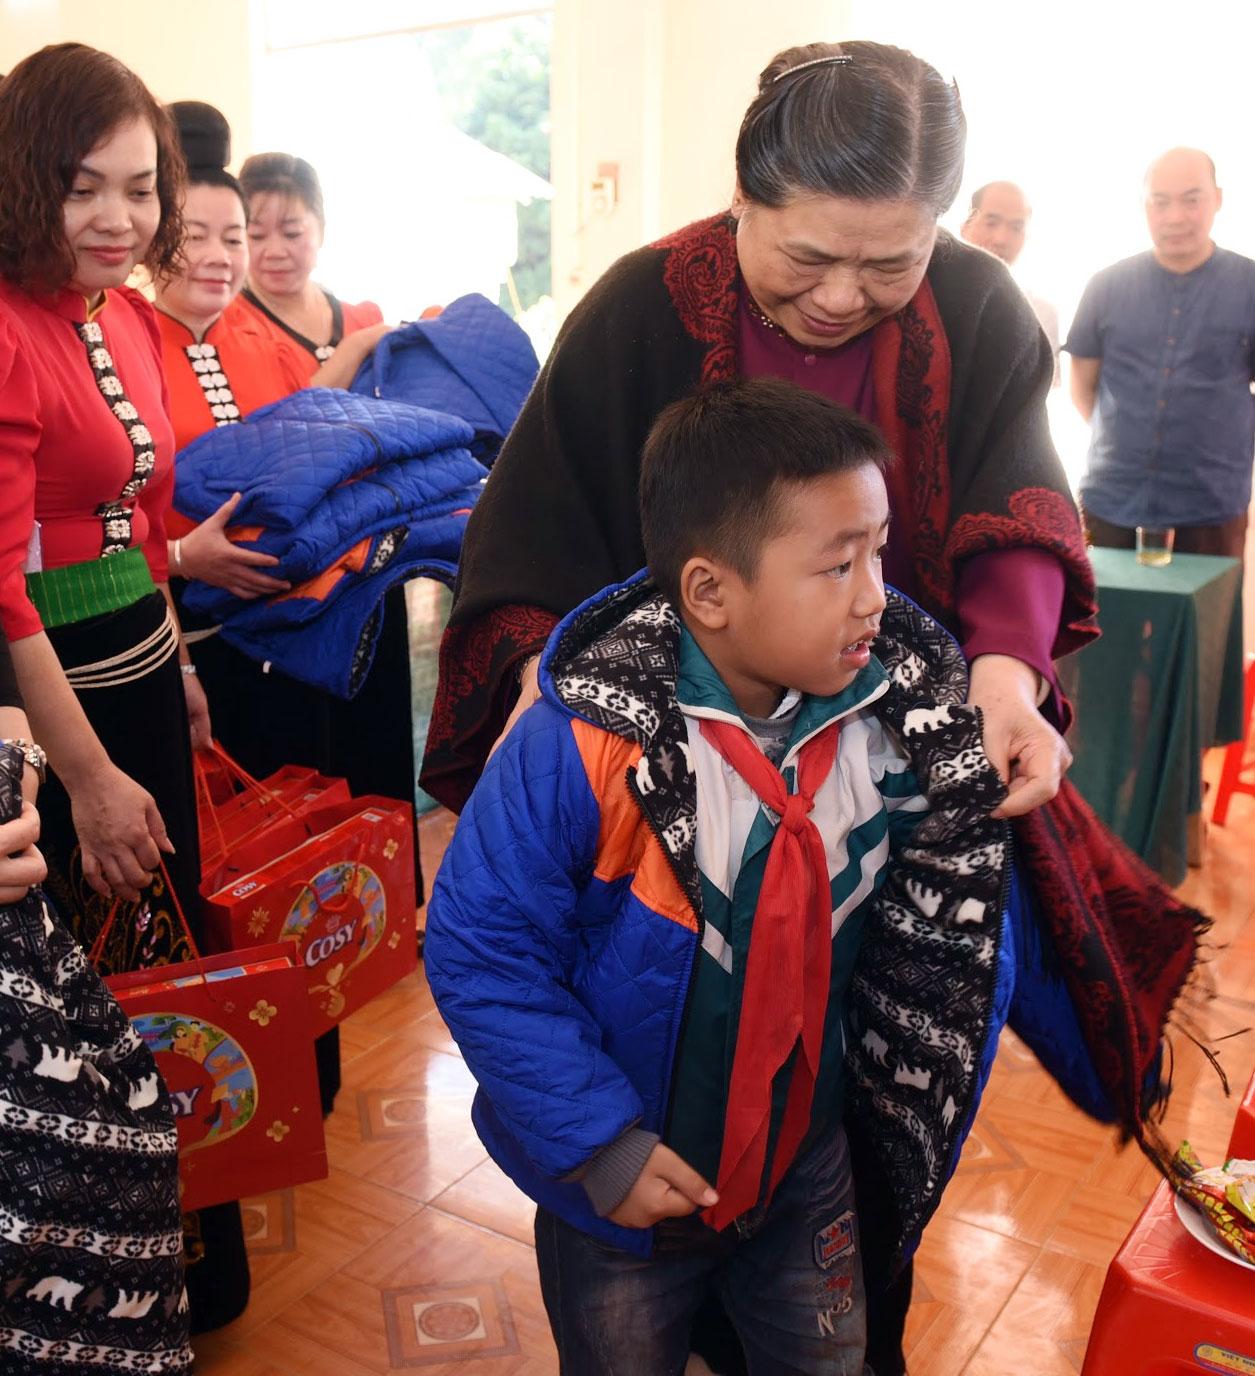 Phó Chủ tịch Thường trực Quốc hội Tòng Thị Phóng tặng áo ấm cho các cháu học sinh bản Phứa Cón, phường Chiềng An, Thành phố Sơn La